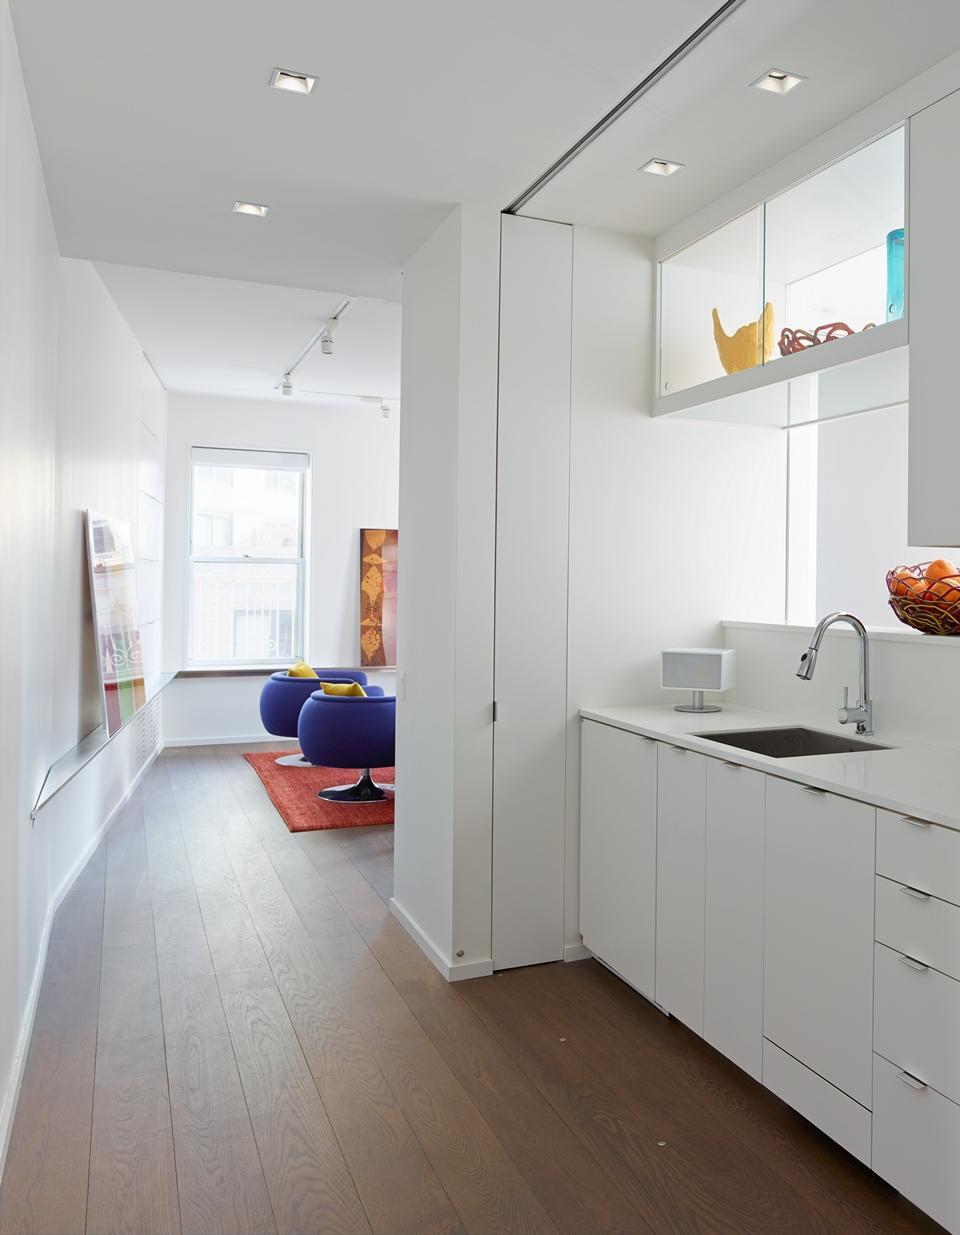 The kitchen in a Manhattan apartment.